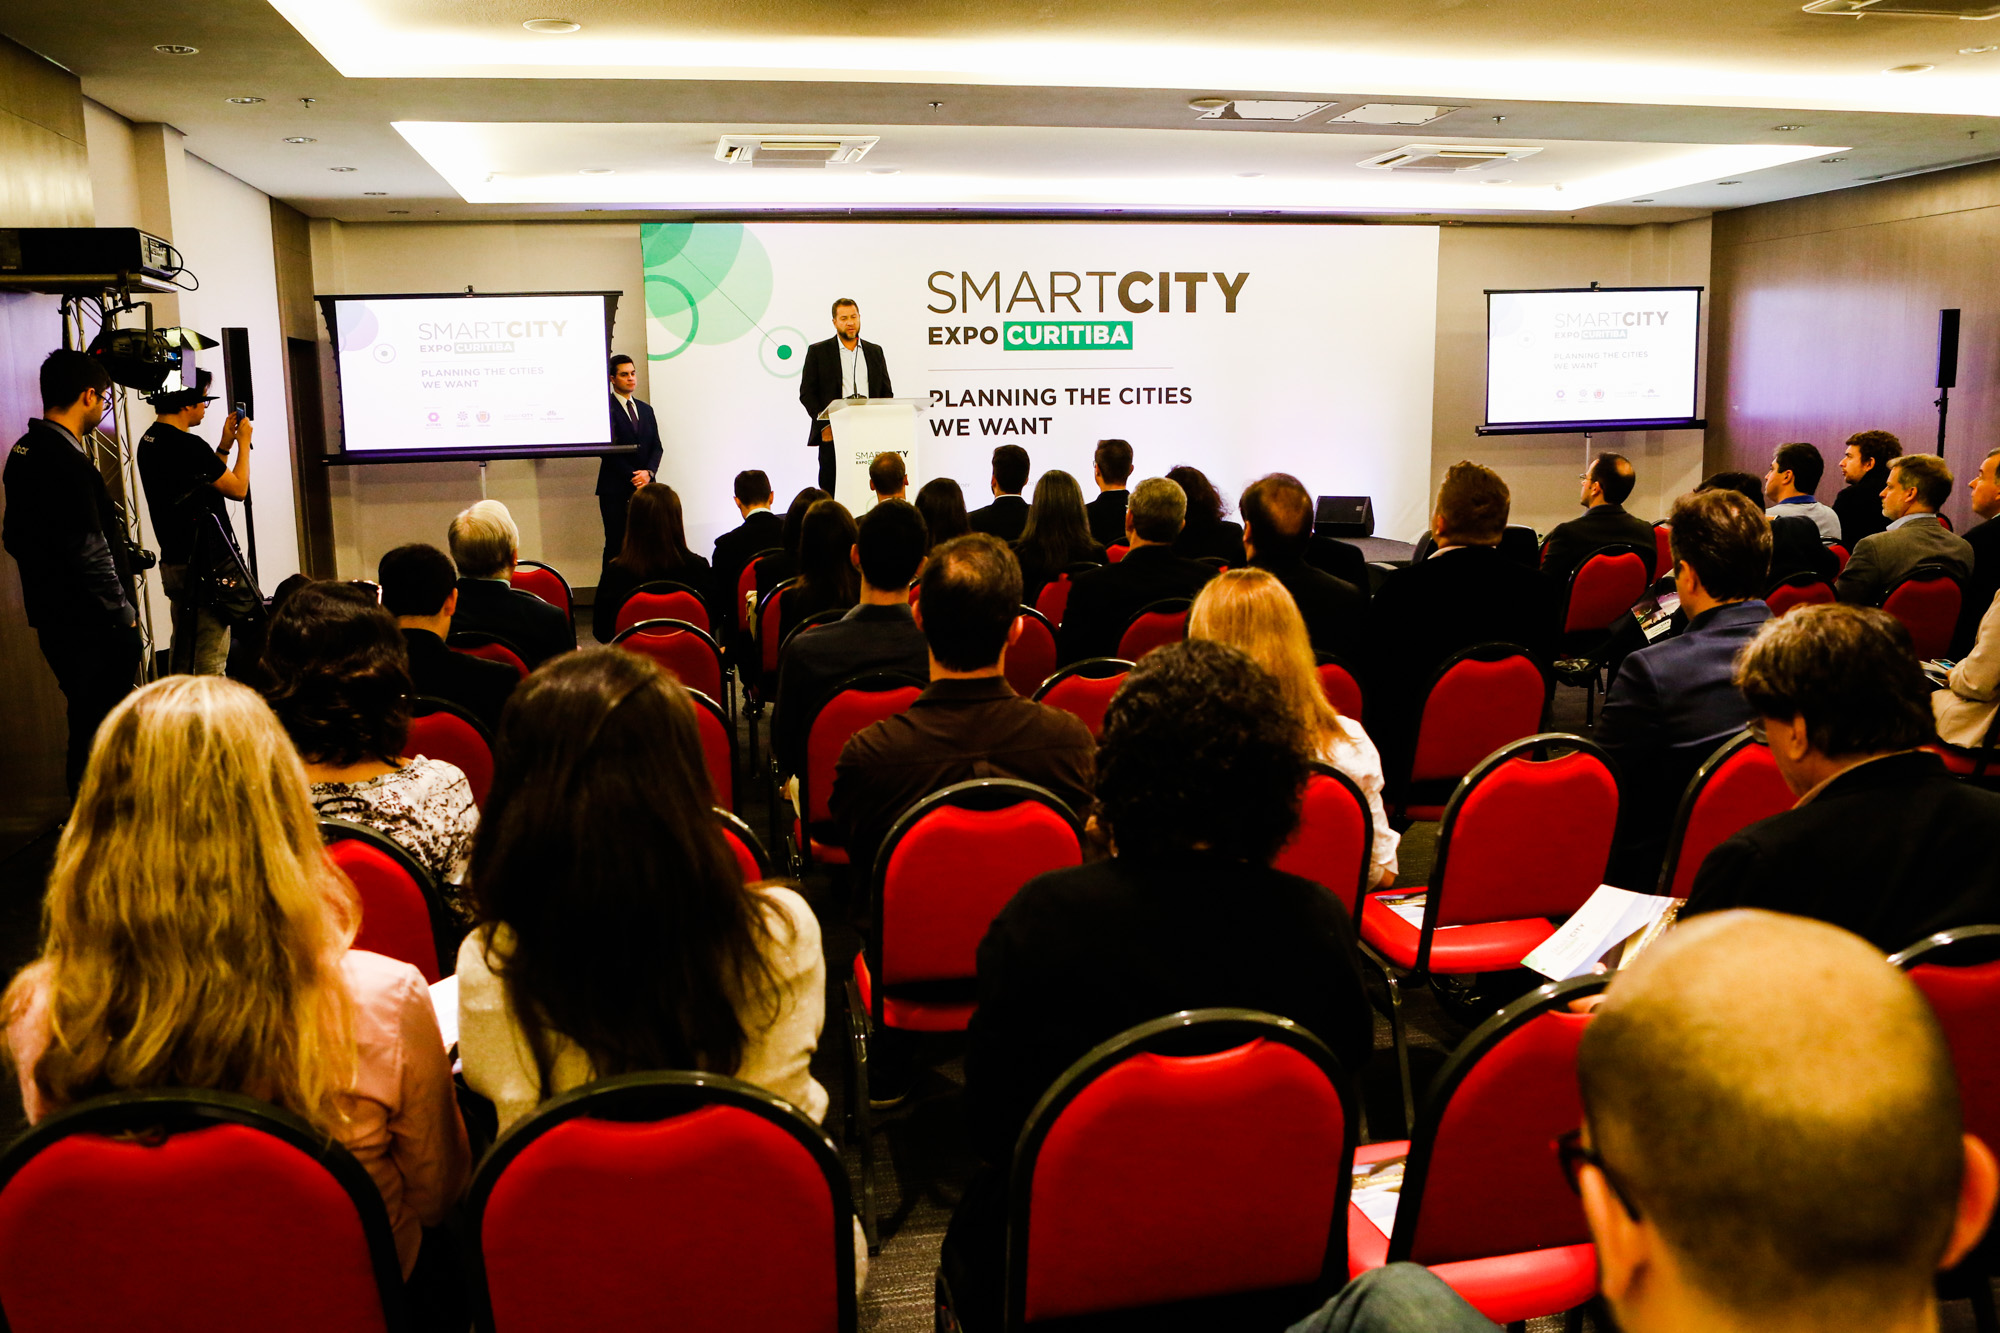 Lançamento da Smart City Expo Curitiba 2019. Foto: Divulgação